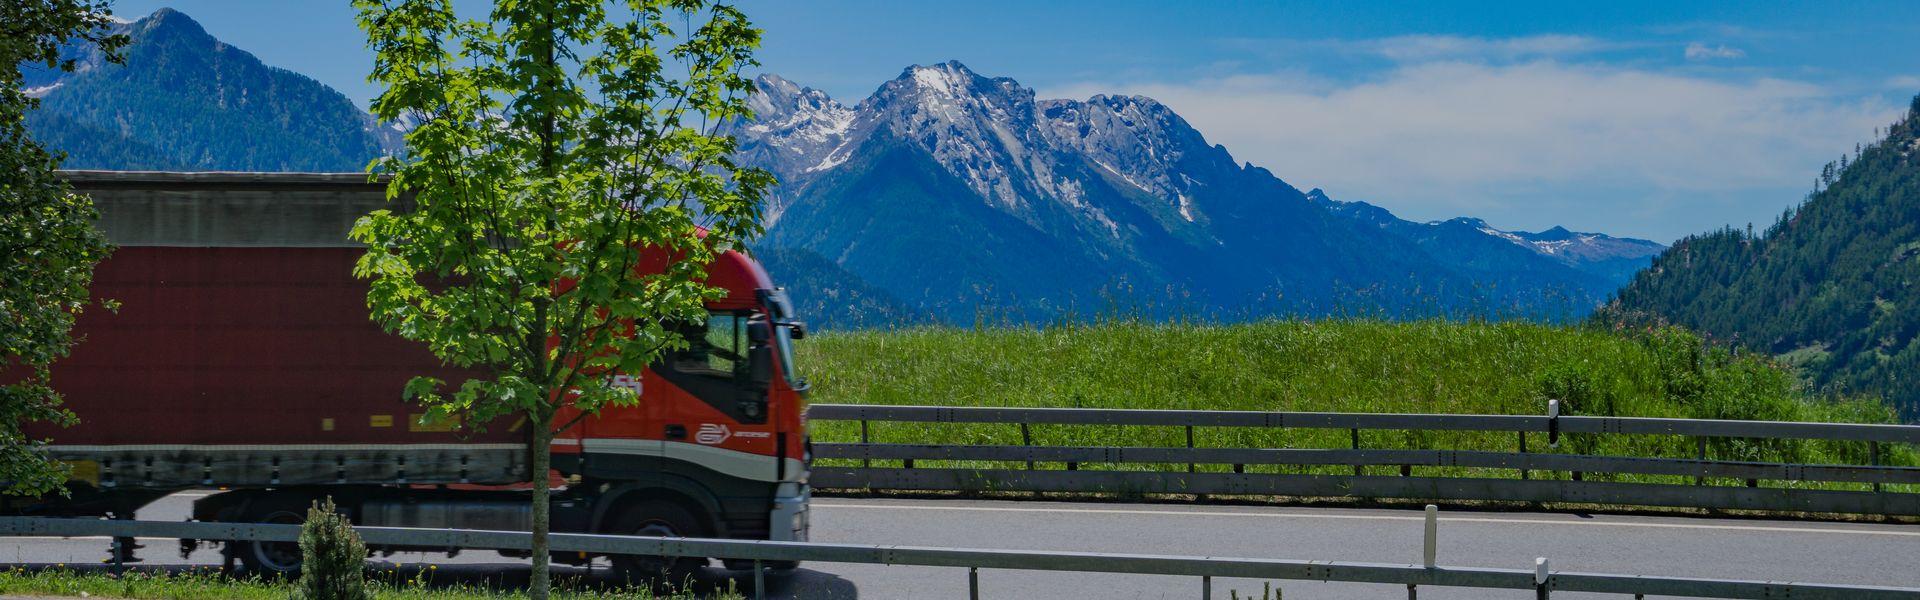 Umzüge-Schweiz-Gesetze-Vorschriften-Umzugsunternehmen-CNolte-Umzug